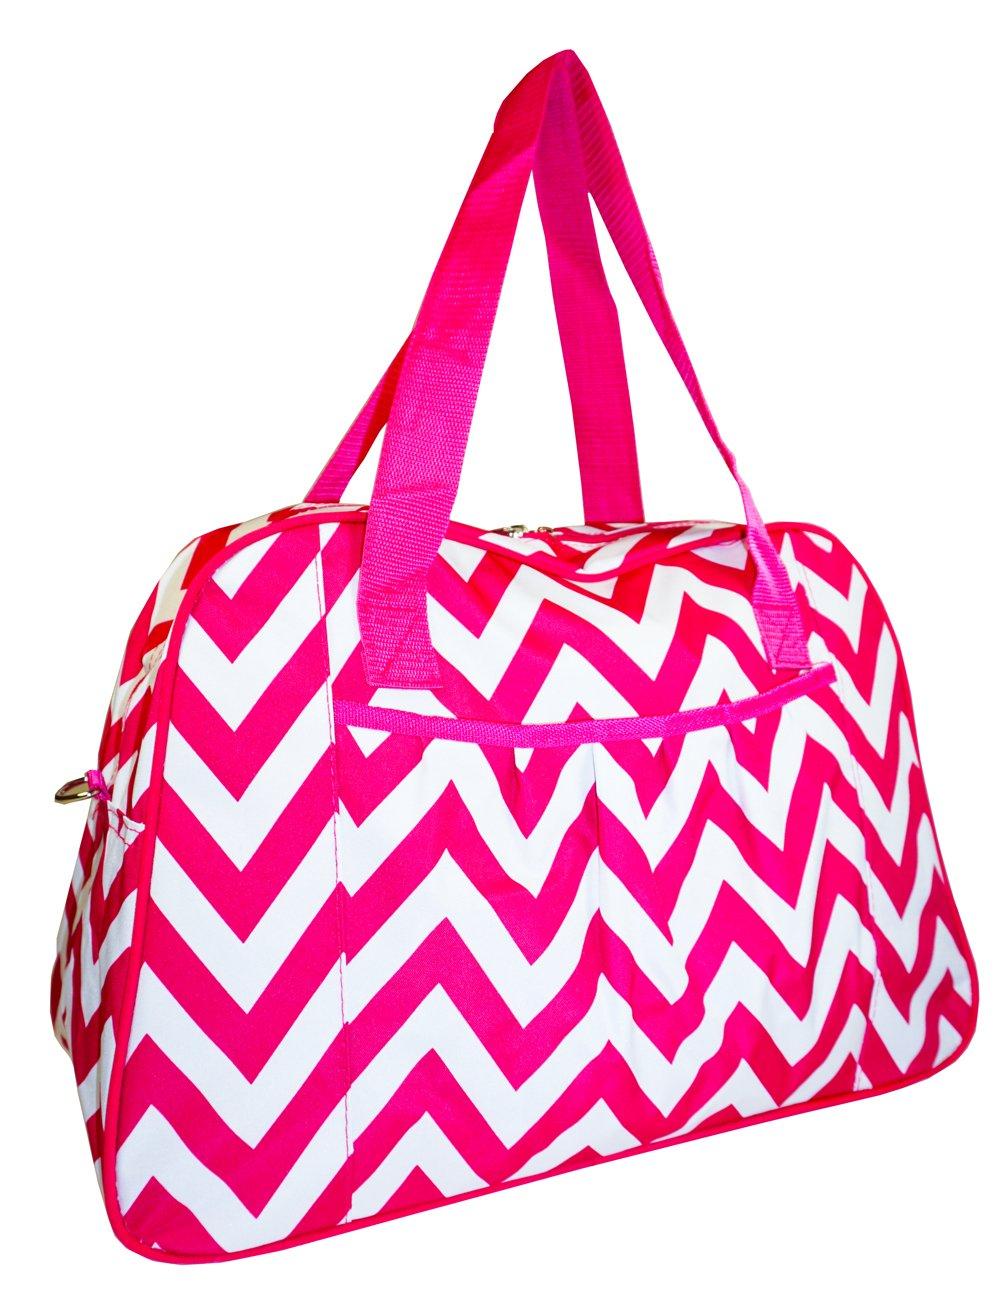 Rikki Knight LetterV Violet Houndstooth Monogram Design mbcp-cond46393 Messenger School Bag